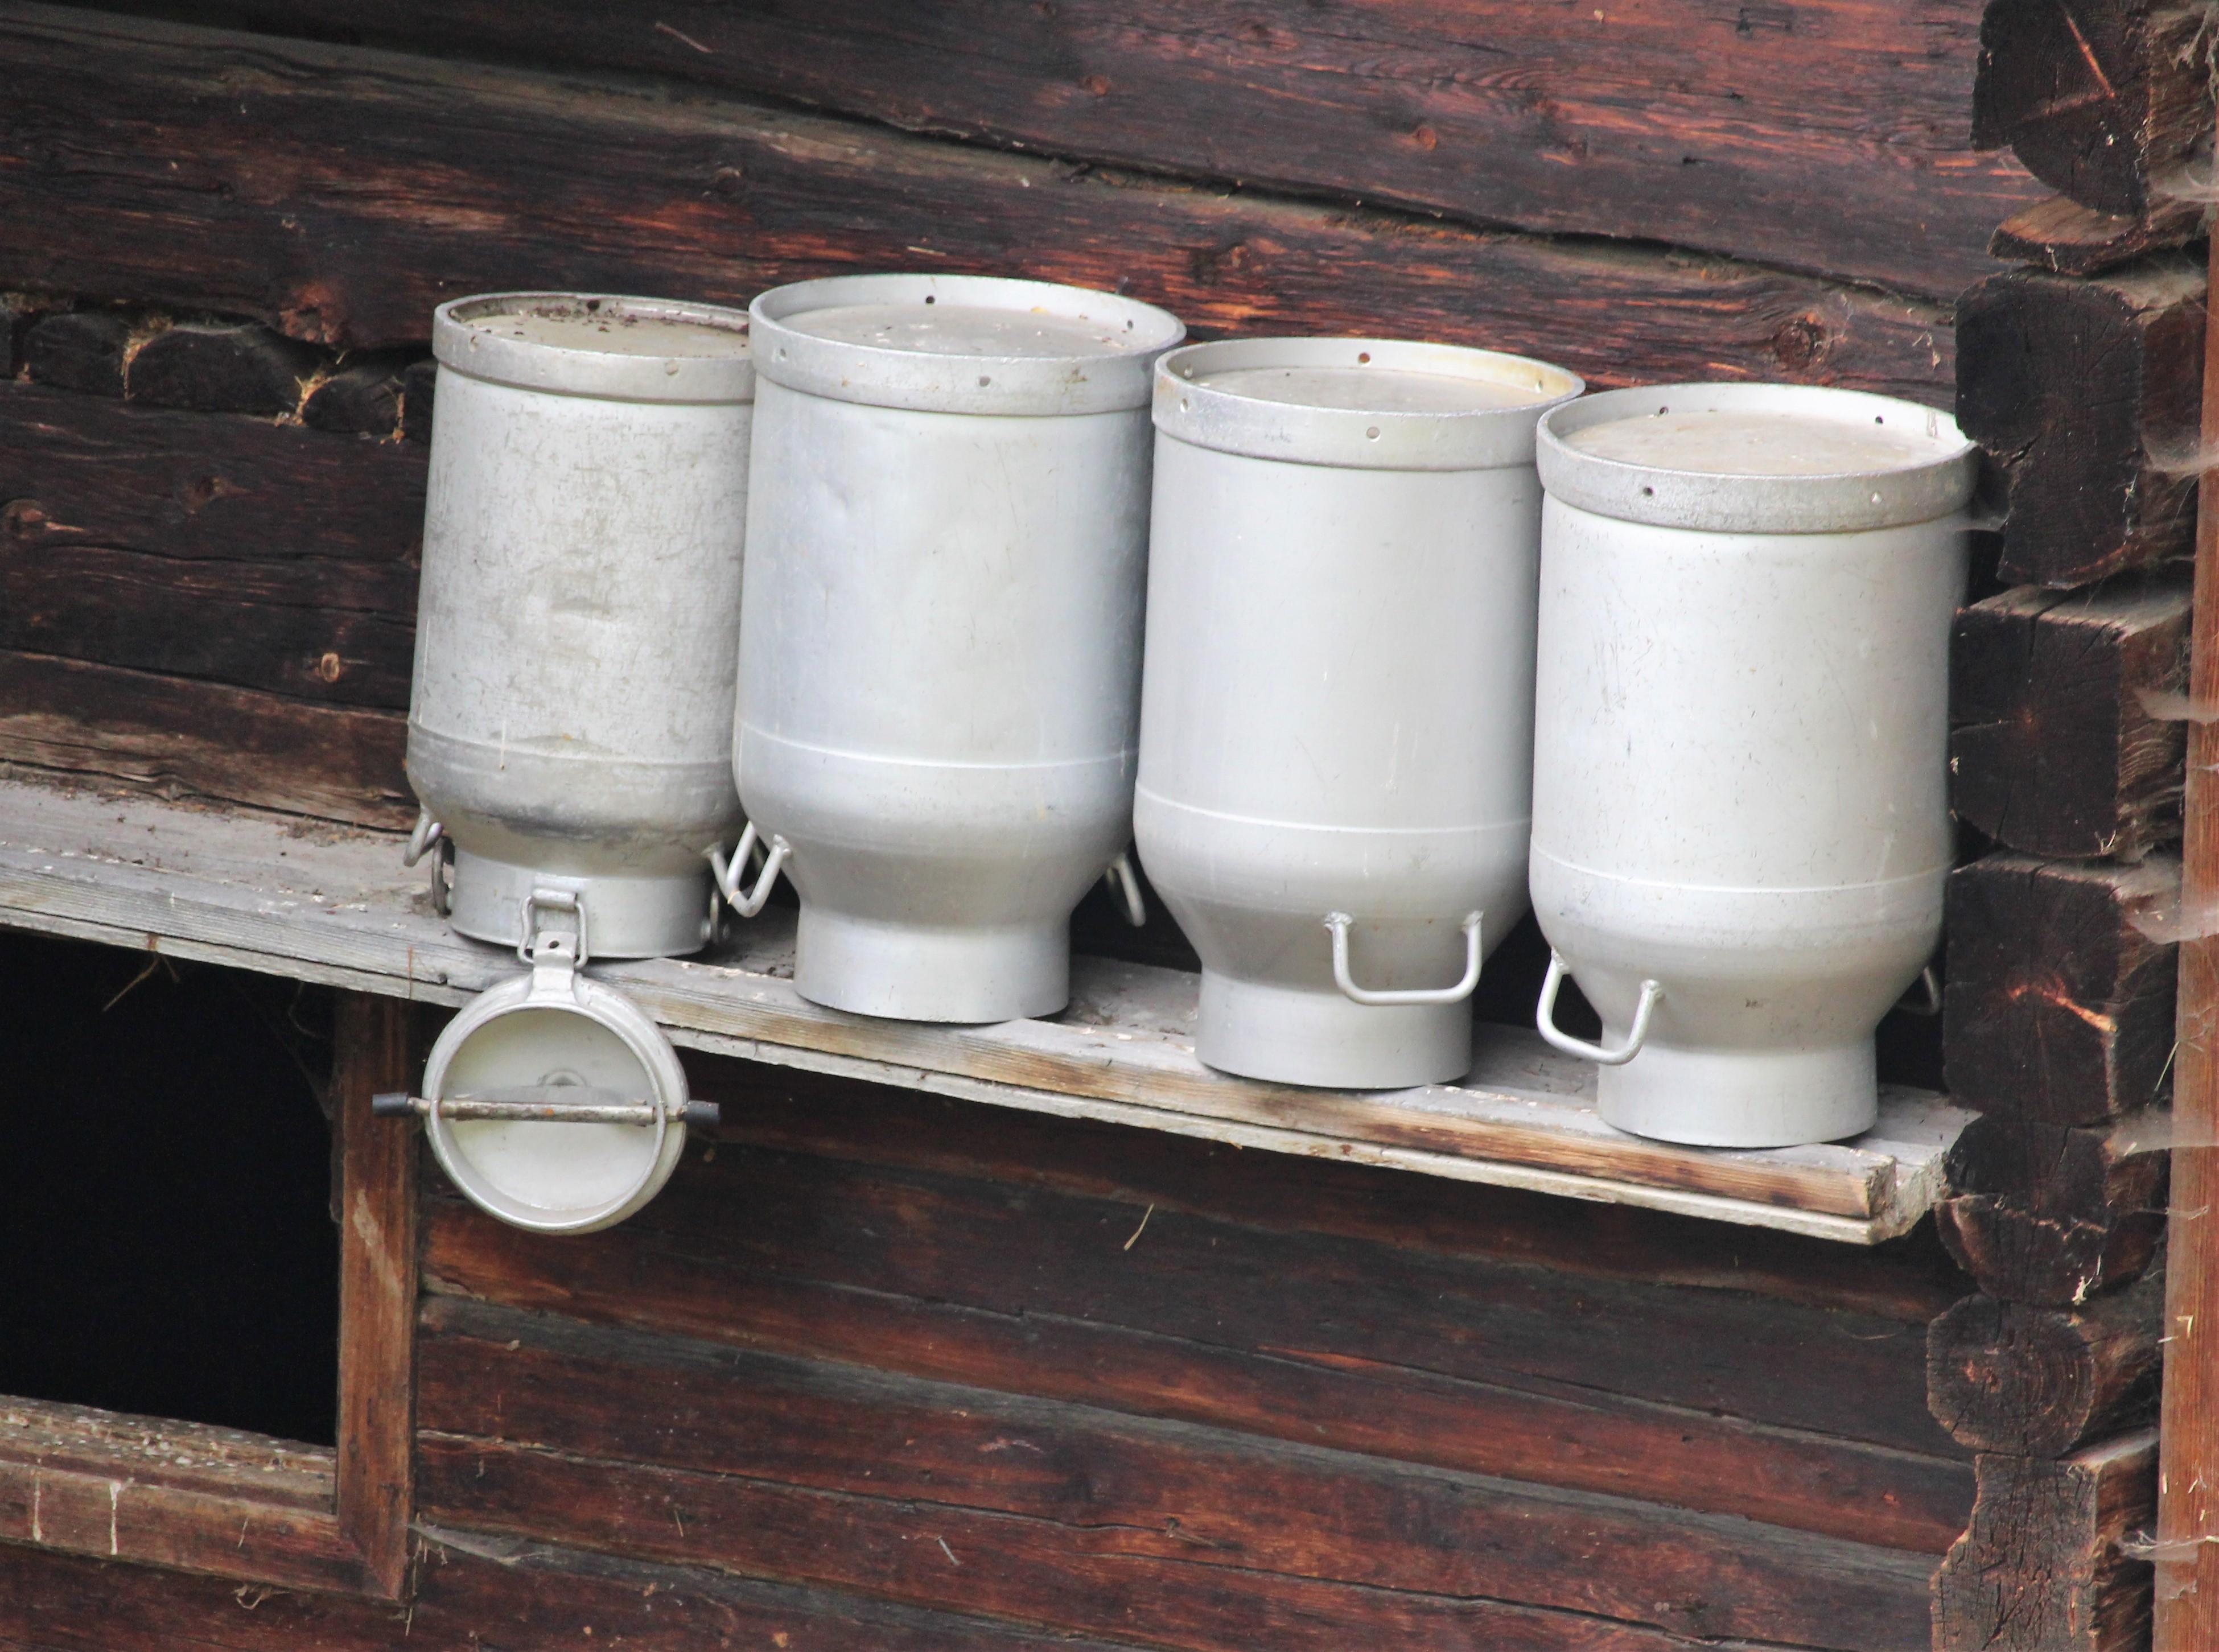 Auf den Kopf gestellte Milchkannen auf einem Holzbrett.